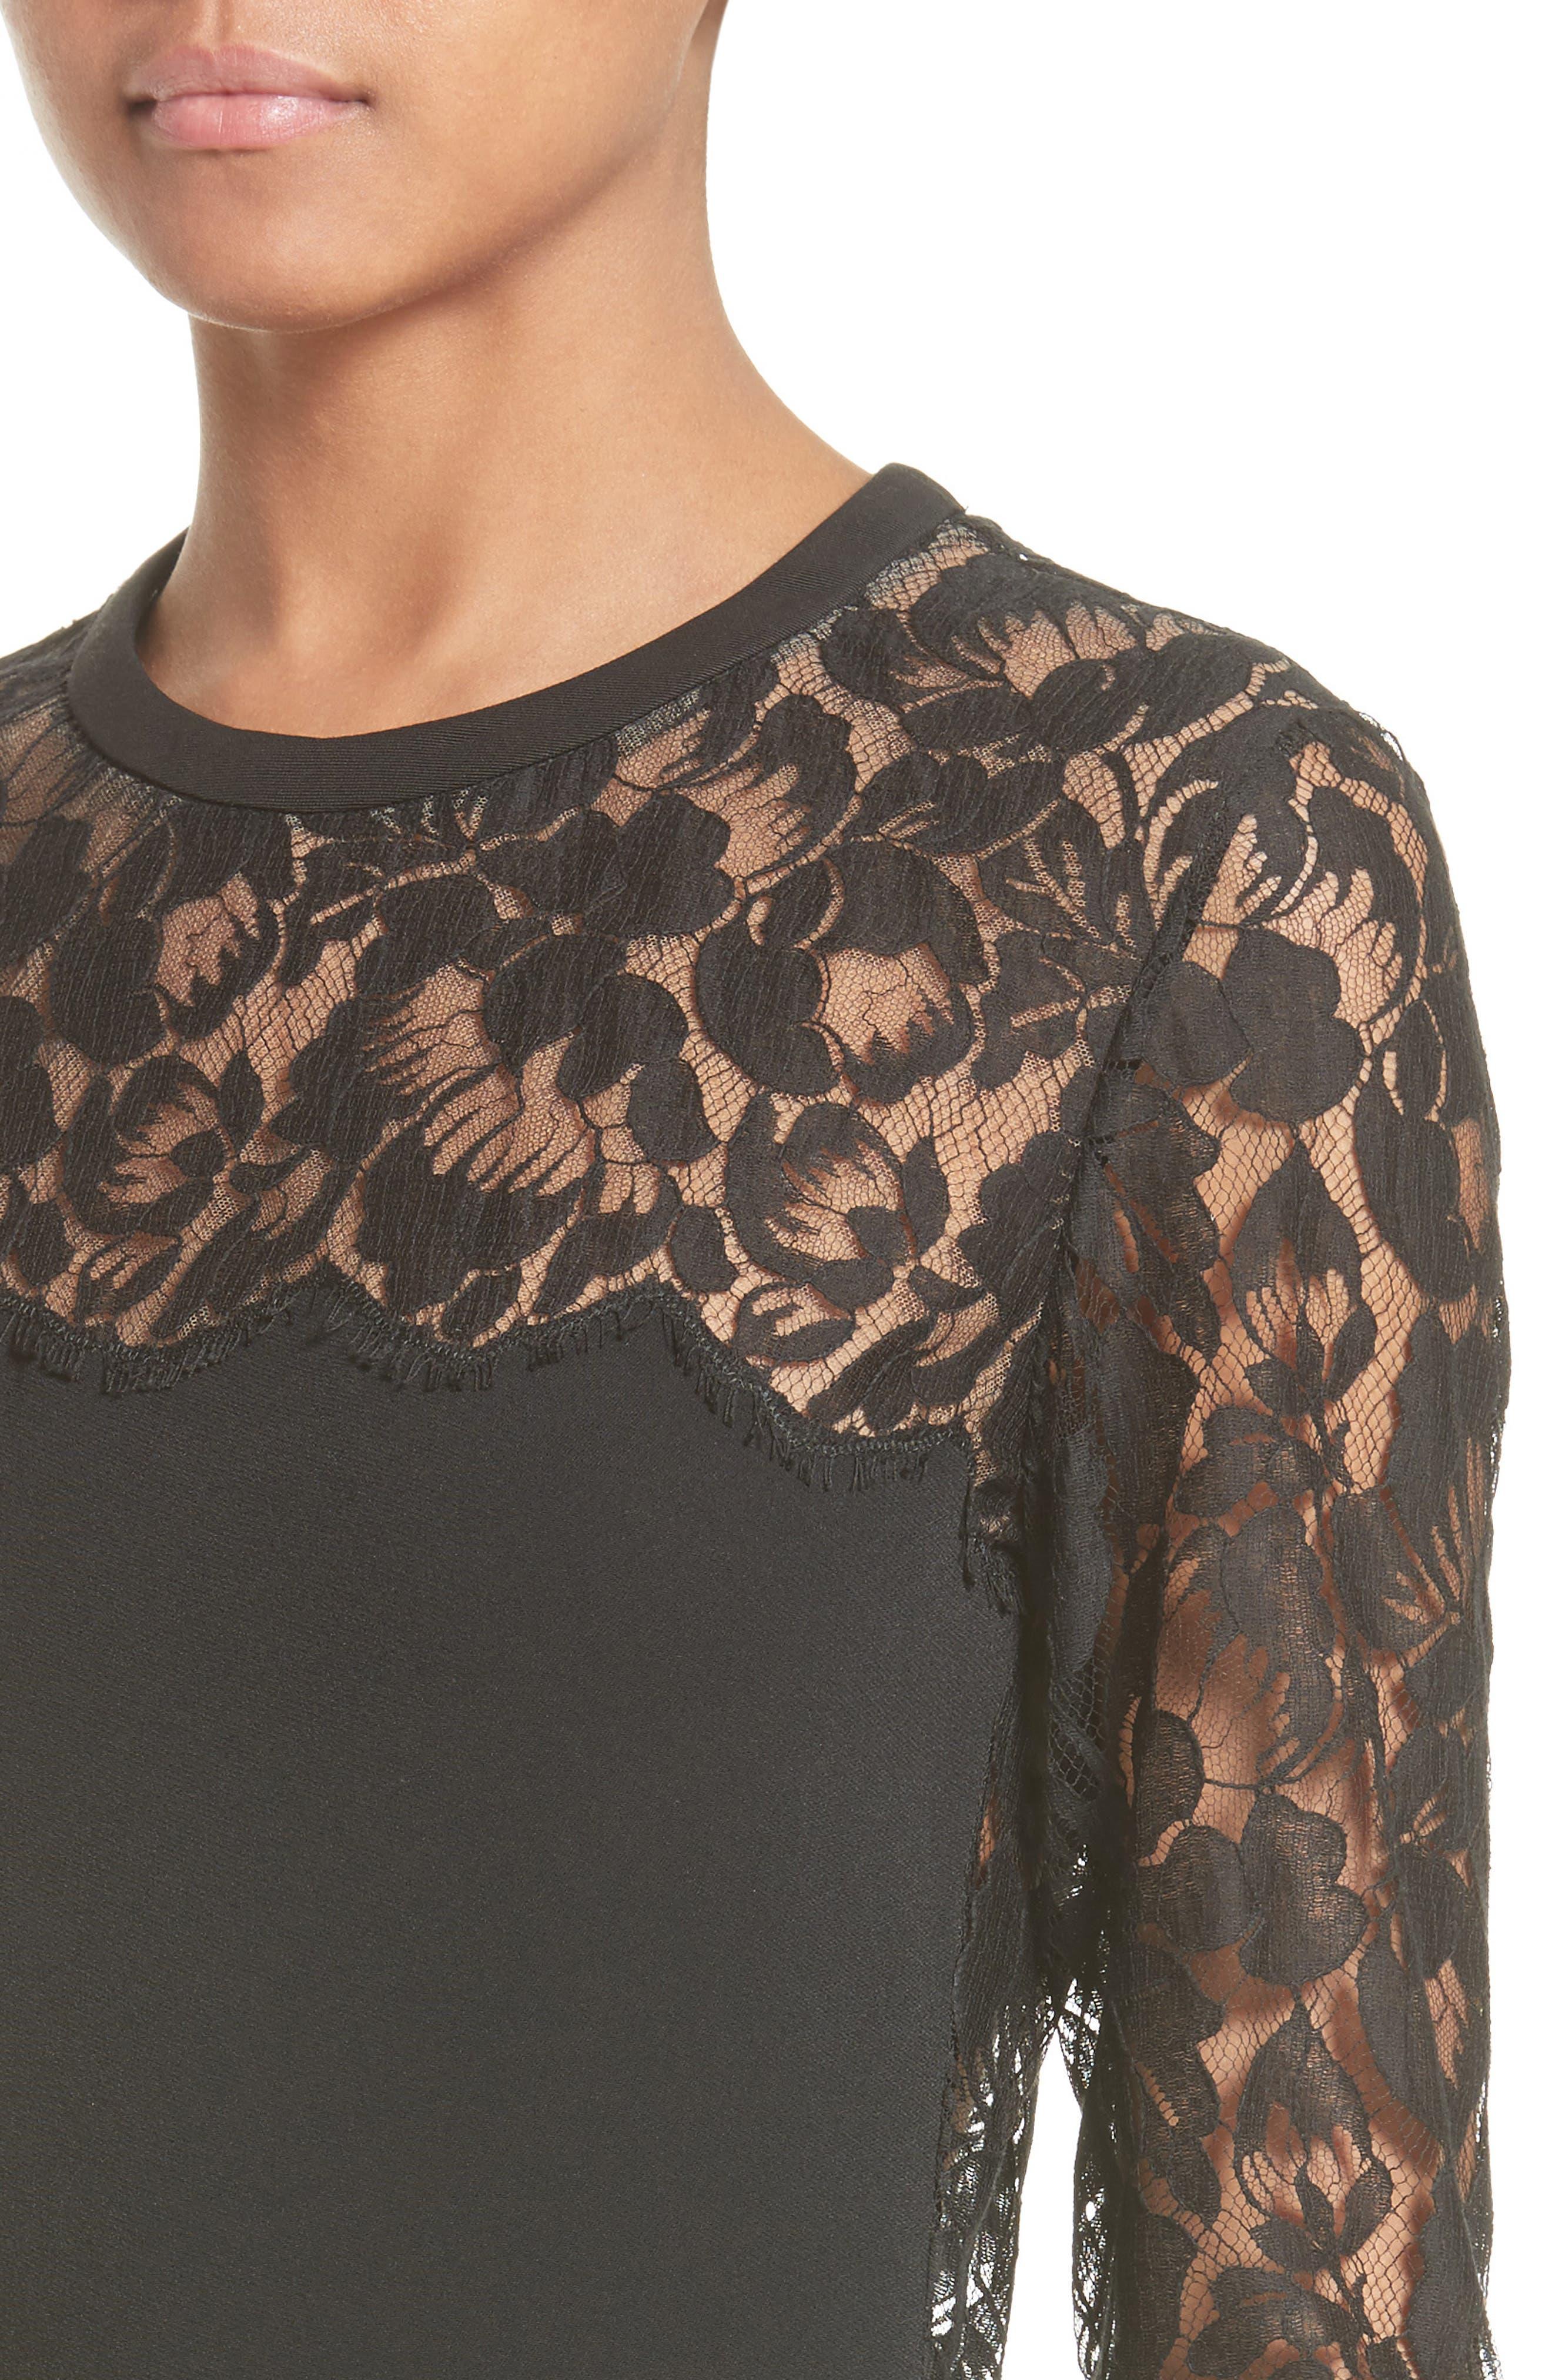 Lace Illusion Sheath Dress,                             Alternate thumbnail 7, color,                             Black